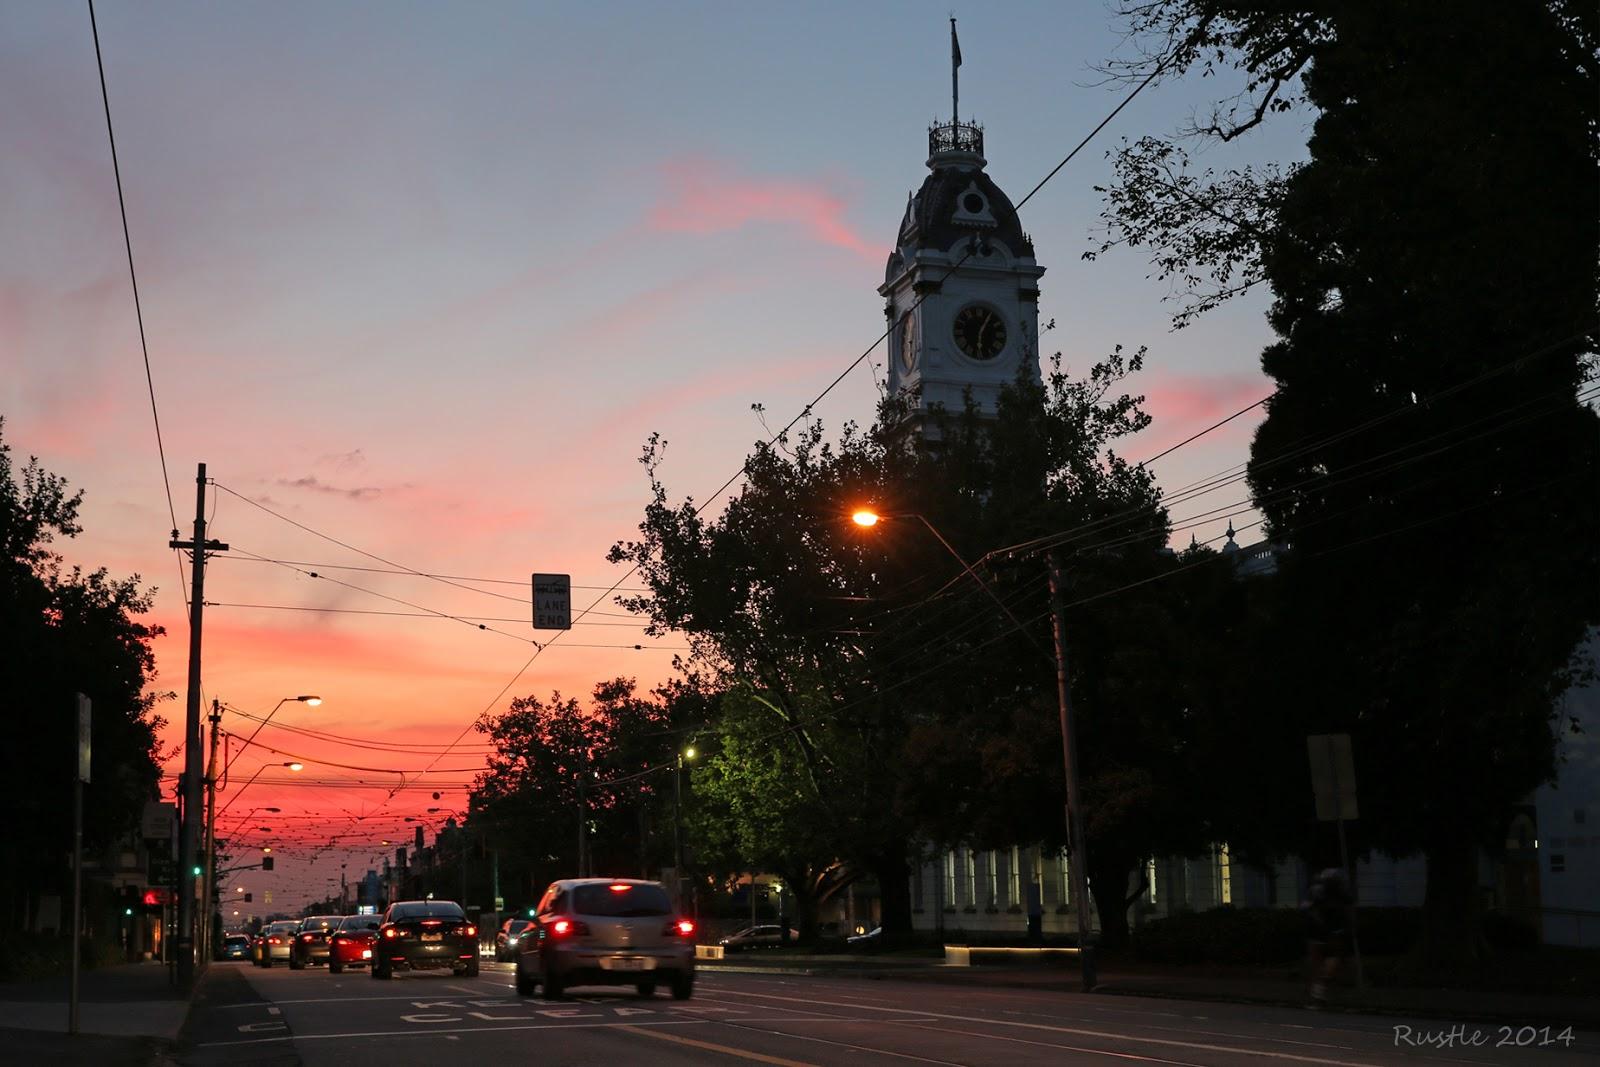 High Street Sunset